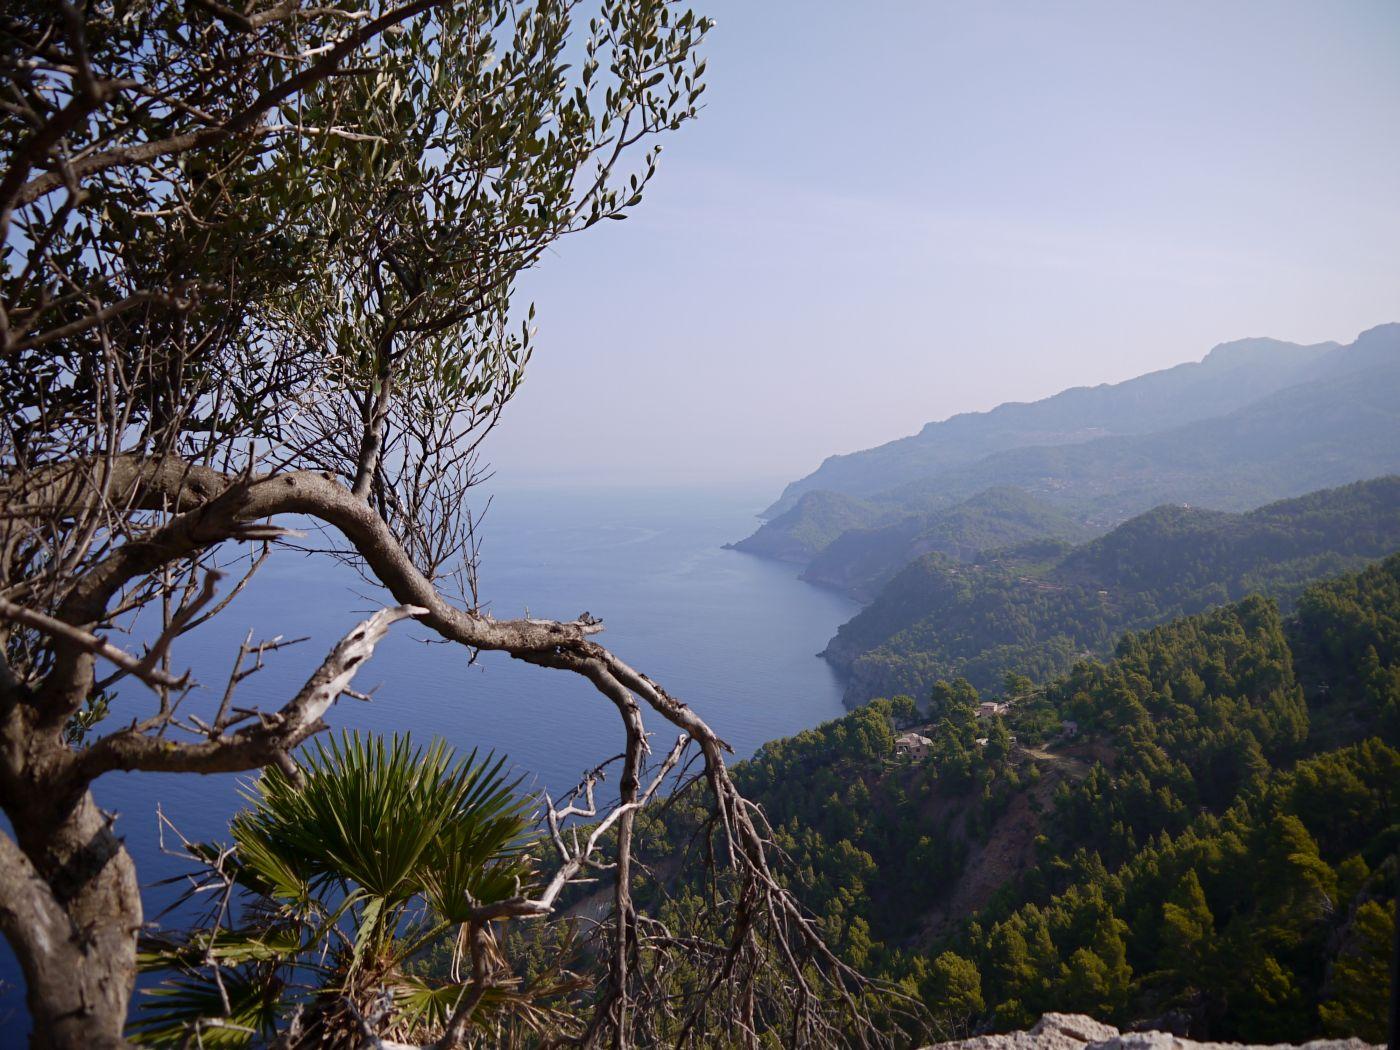 Berge von Mallorca und Baum im Vordergrund - (c) Jasmin Grigutsch